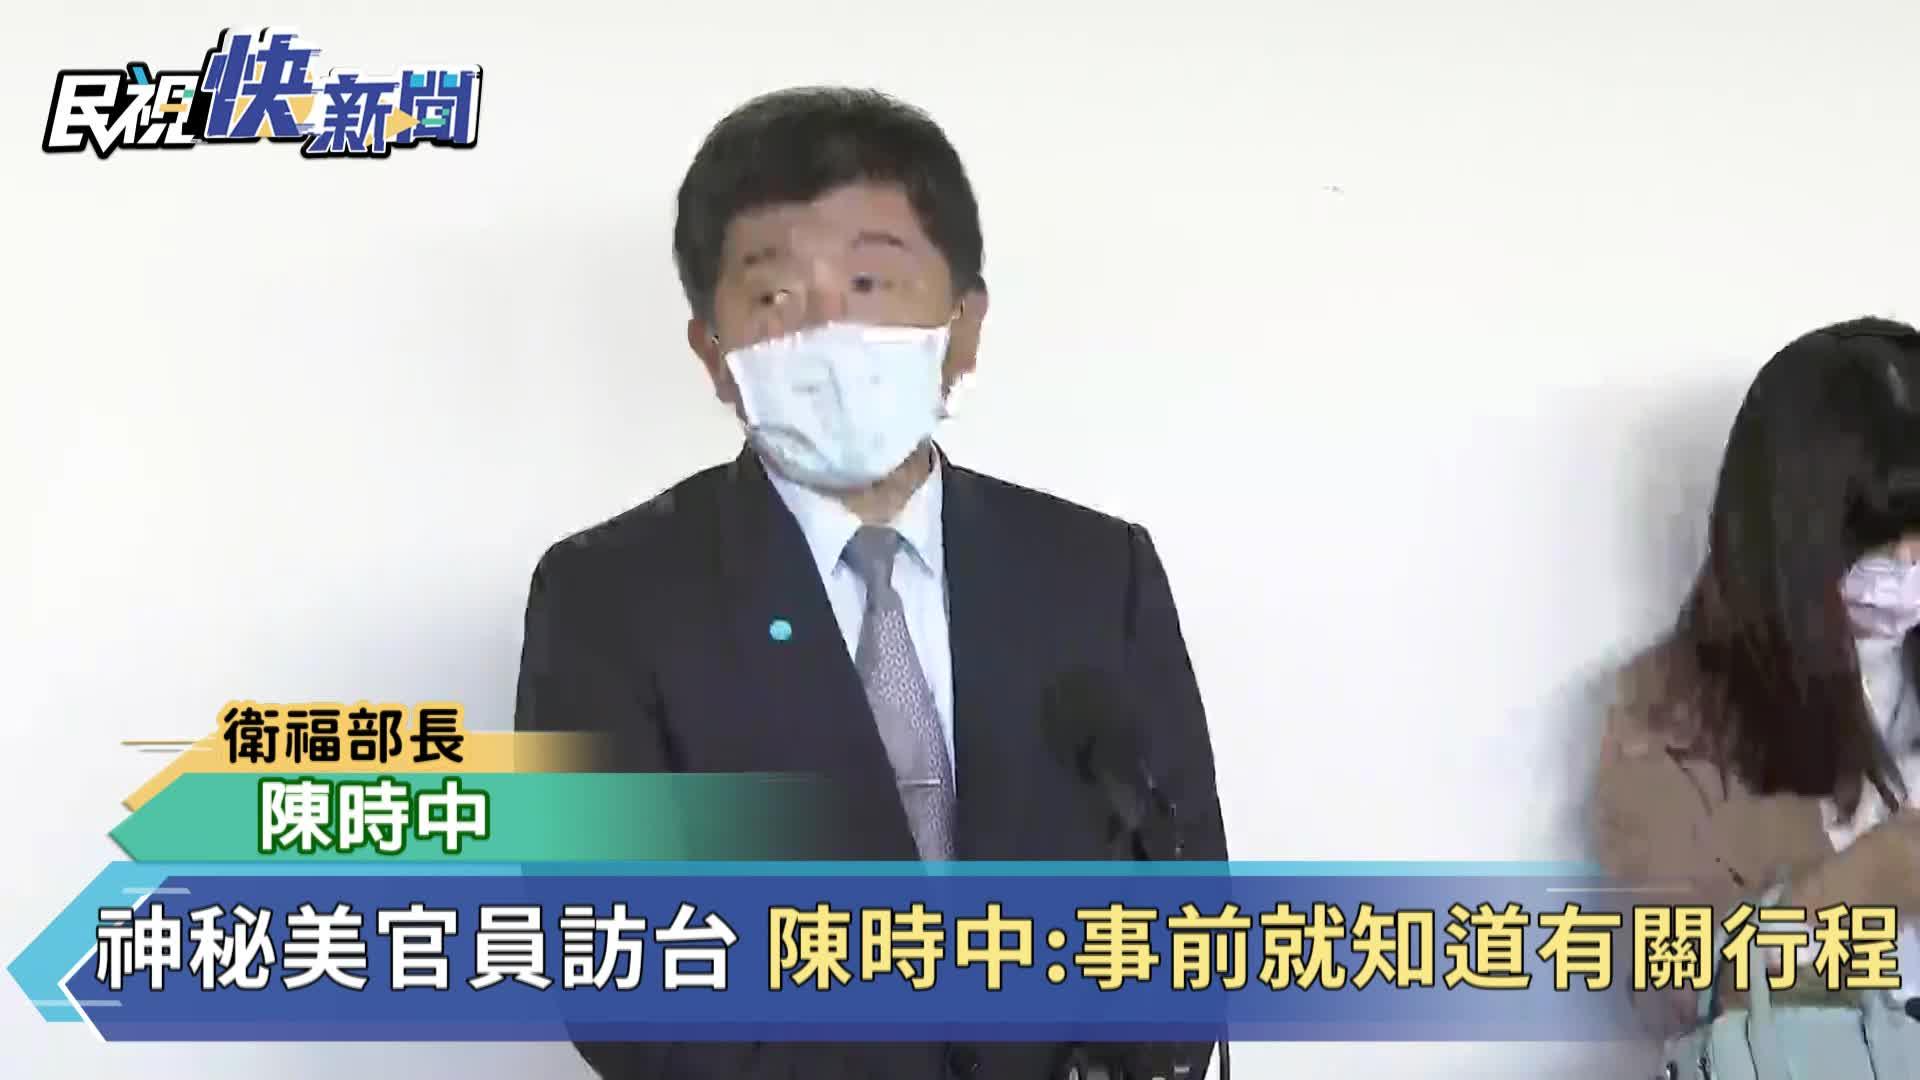 快新聞/神秘美官員訪台 陳時中:我不需要知道是誰